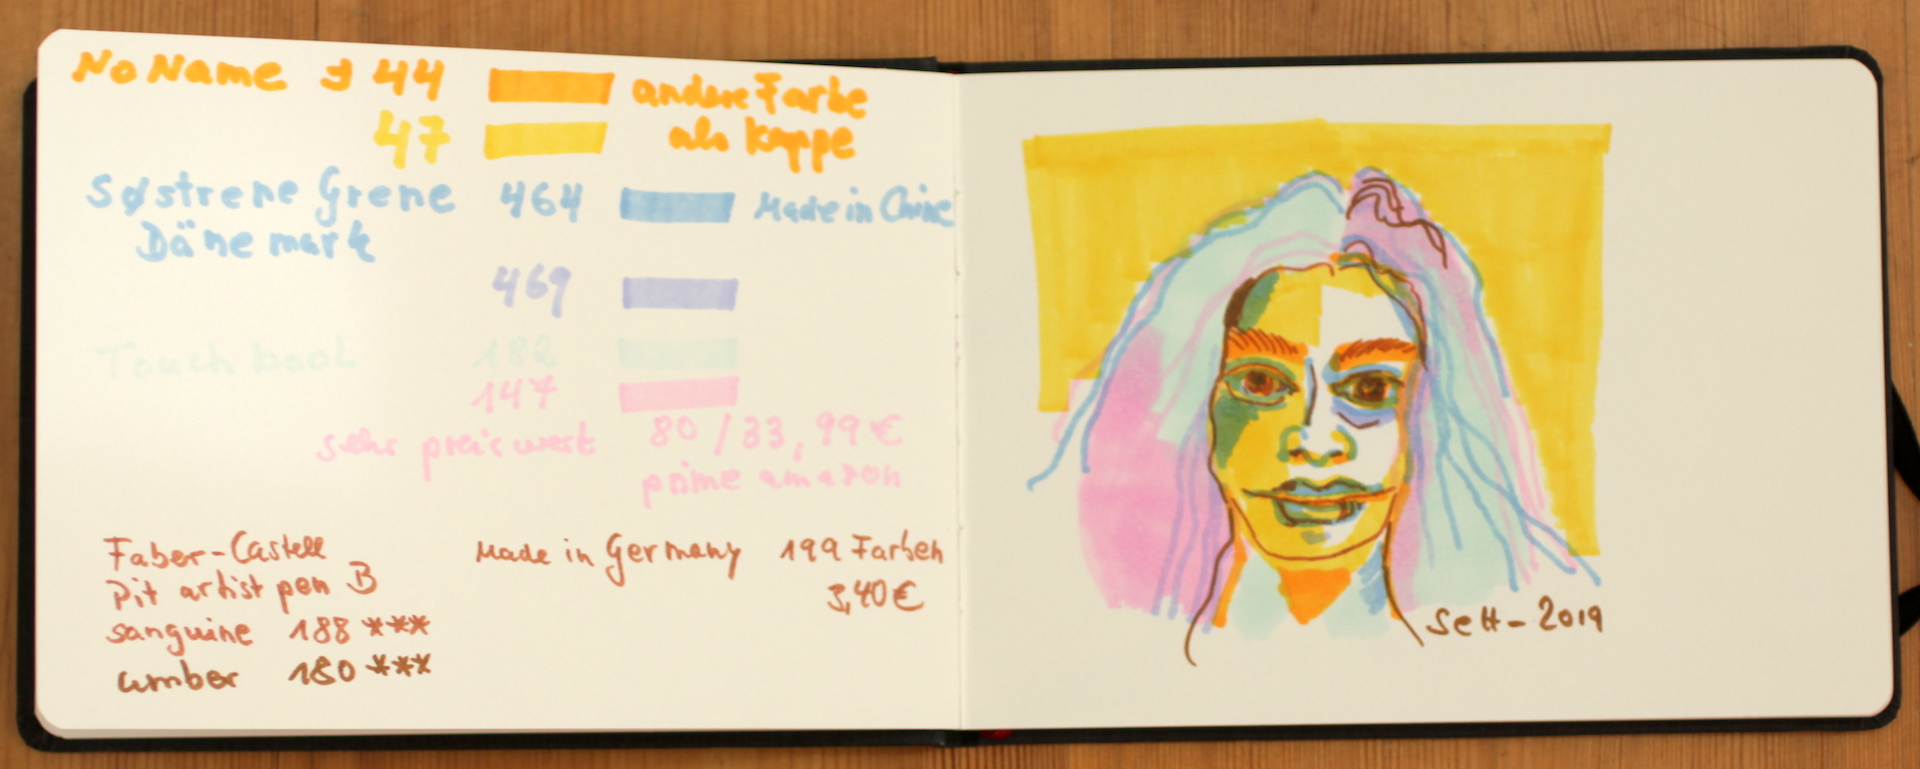 Sie schaut in Pastel, wasserloeslicher und permanente Marker Marker in Hahnemuehle Watercolour Book, Zeichnung von Susanne Haun (c) VG Bild-Kunst, Bonn 2019